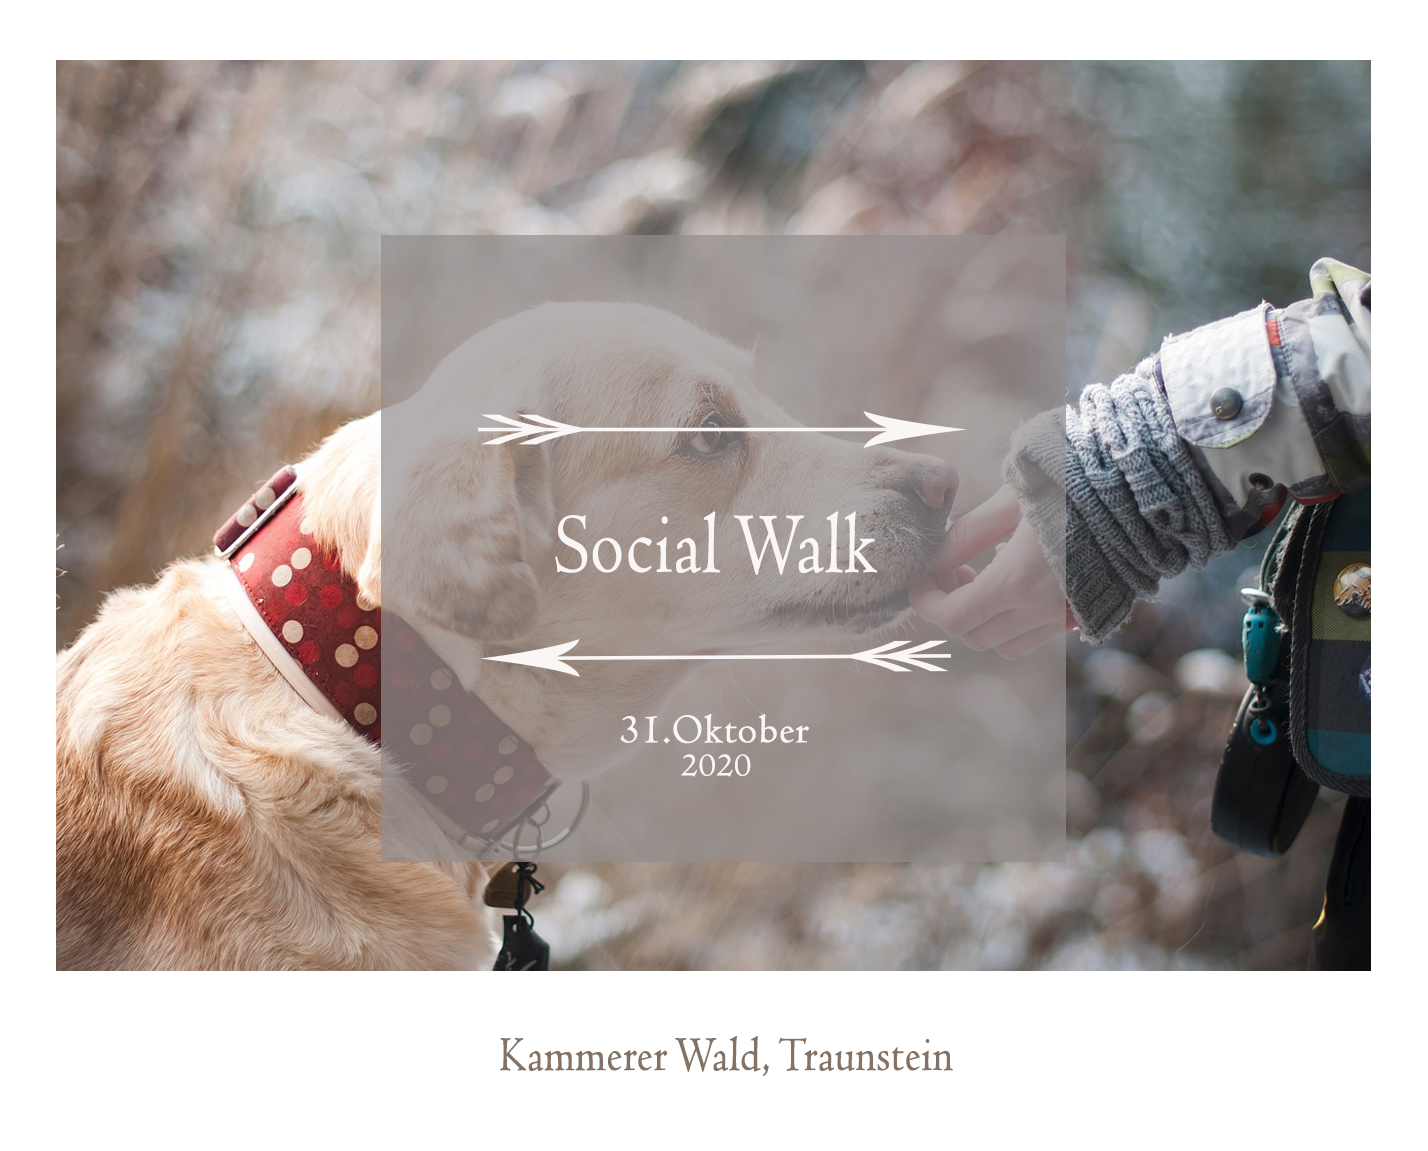 SocialWalk31.Oktober2020